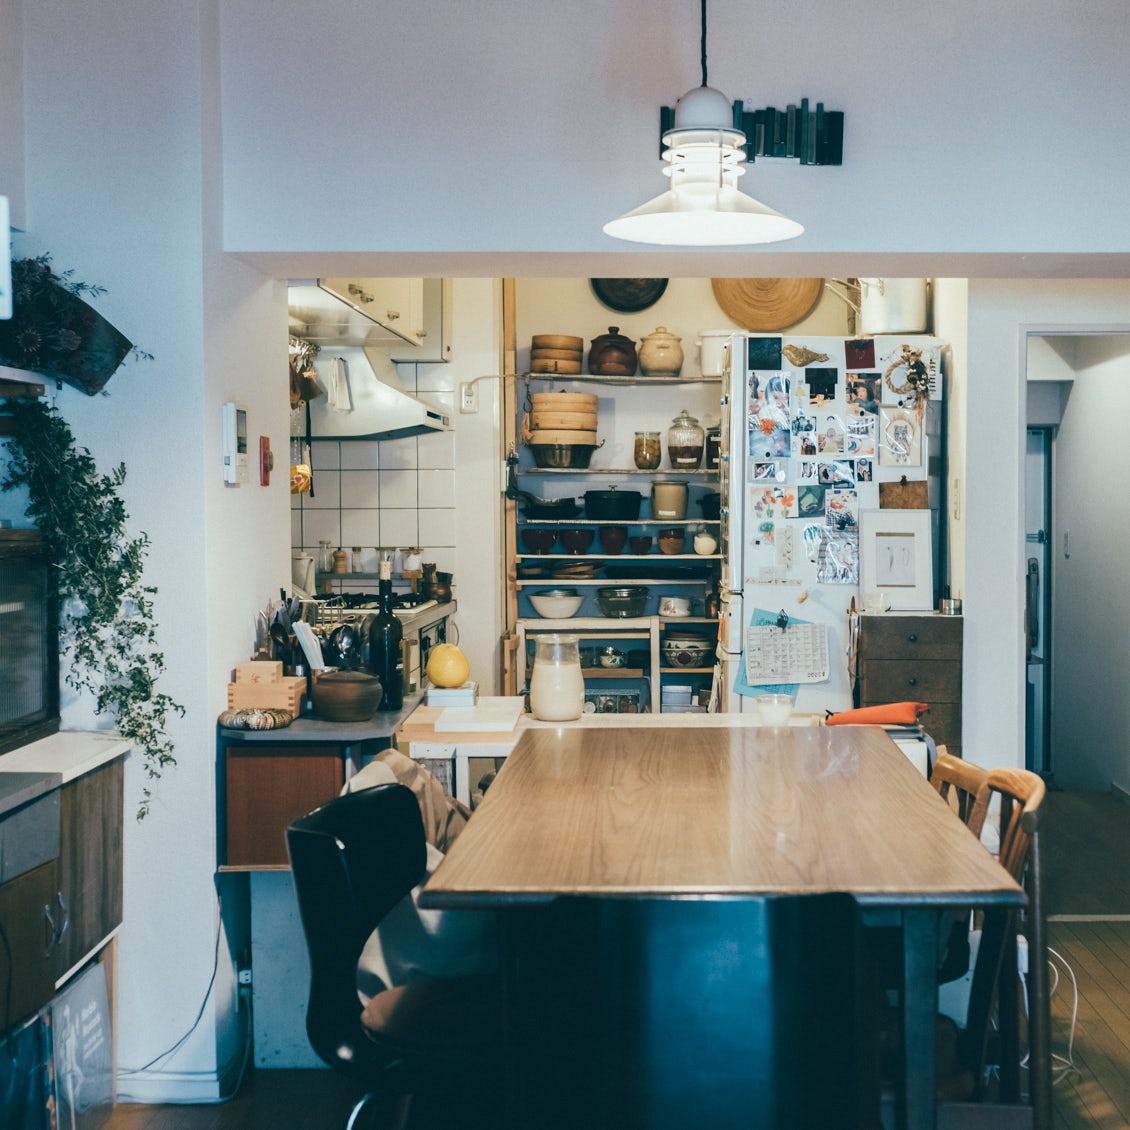 【フィットする暮らし】後編:築40年の賃貸マンション。I型キッチンを使いやすく徹底カスタマイズ(暮らし家・塩山奈央さん)